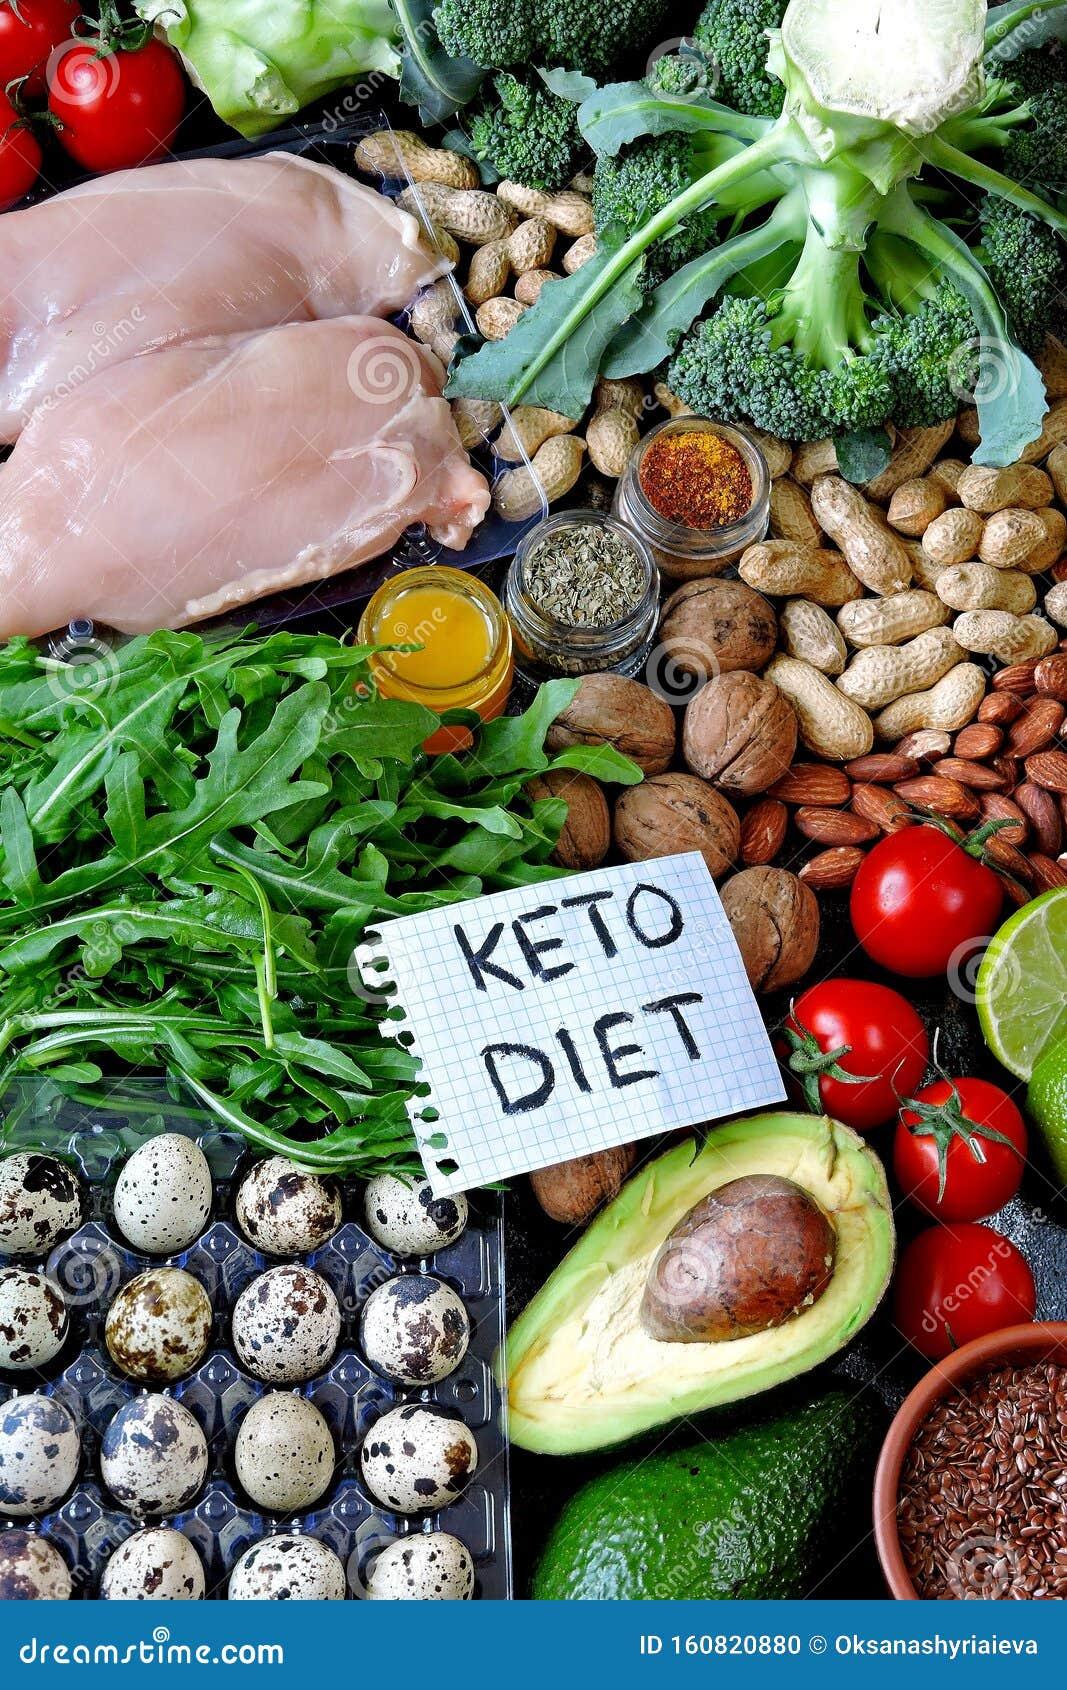 ketogenic diet green fresh